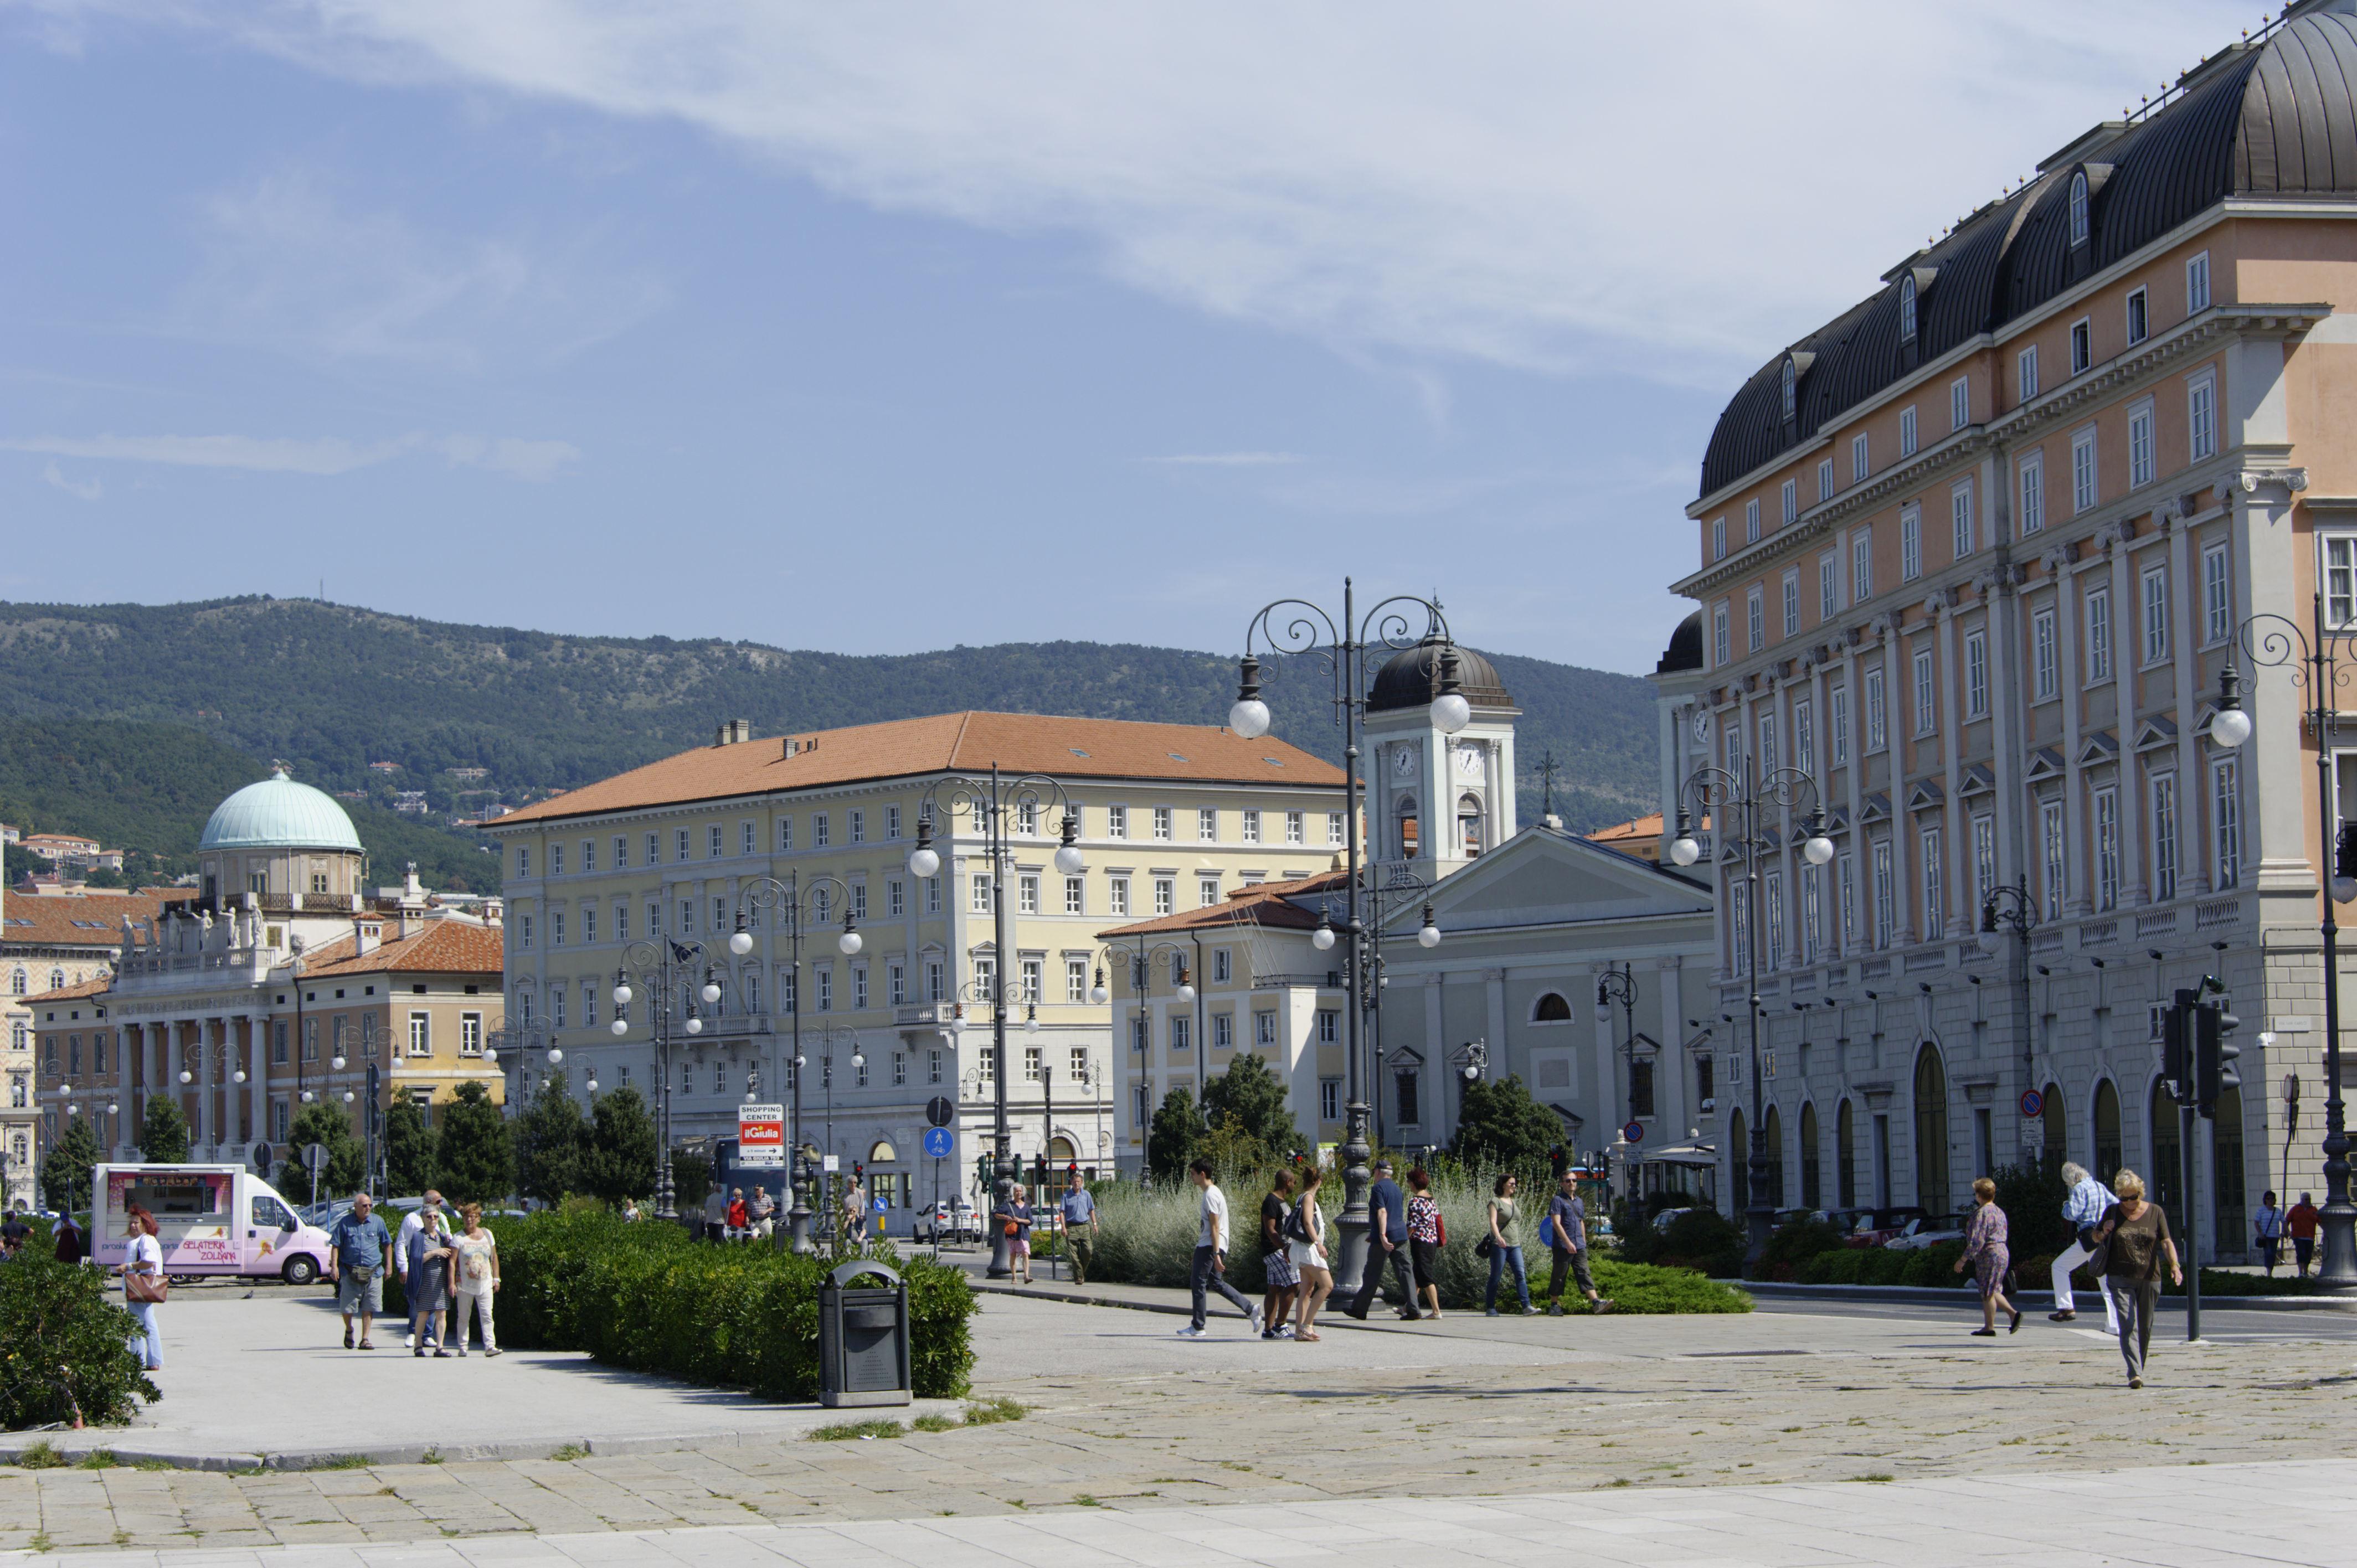 8800-Trieste